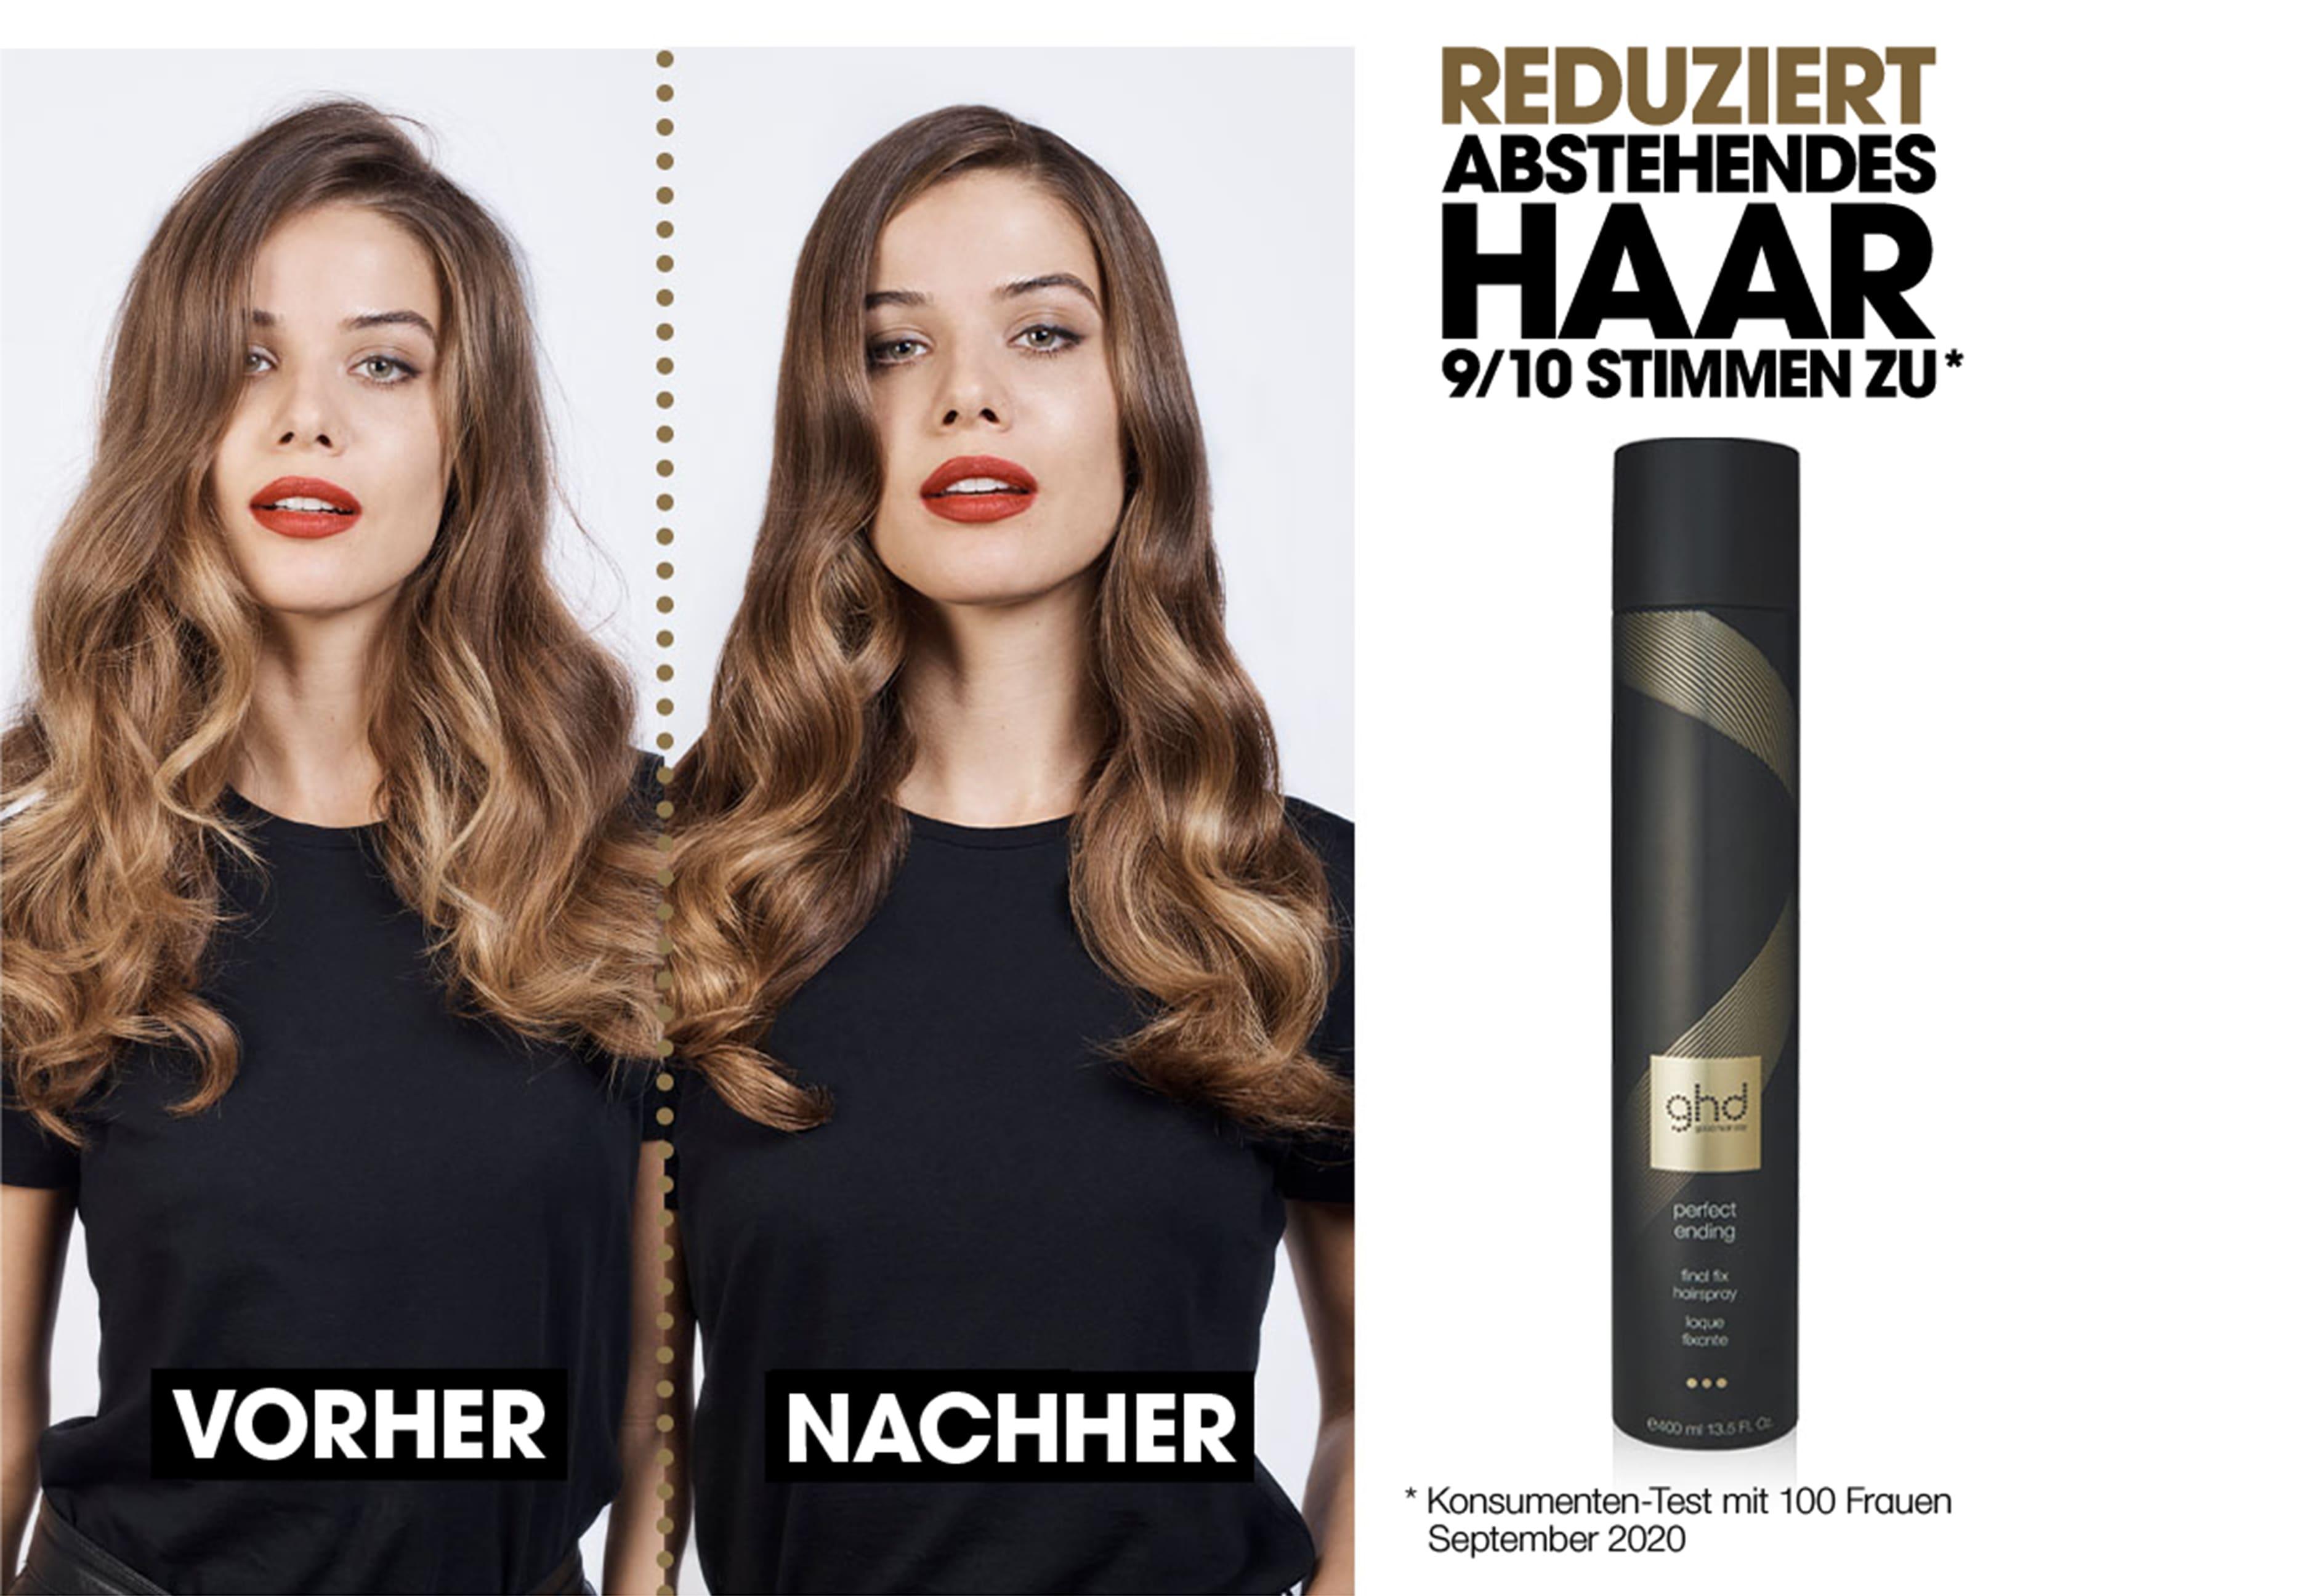 ghd perfect ending Haarspray Vorher Nachher Effekt